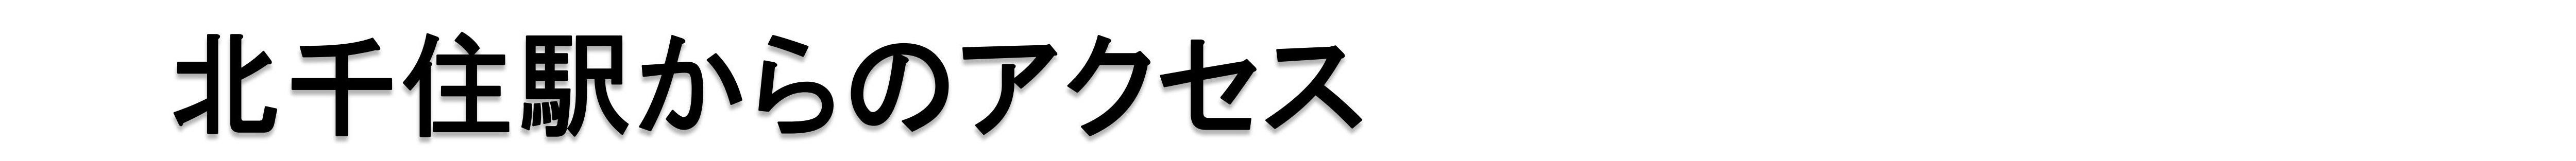 0001 (6) - コピー